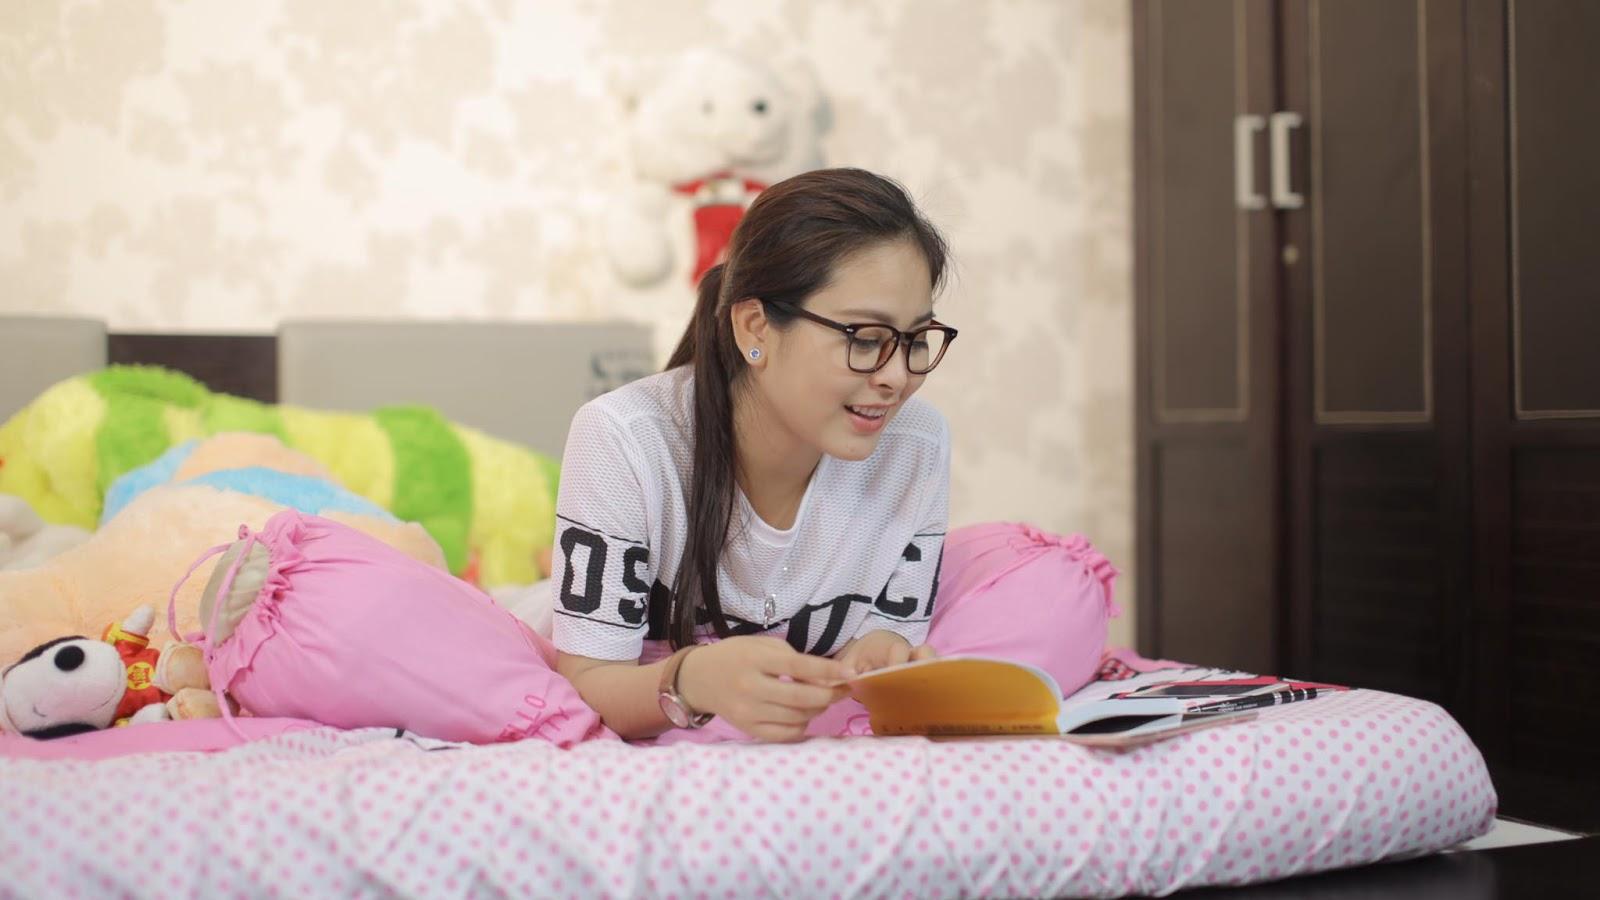 anh do thu faptv 2016 46 - HOT Girl Đỗ Thư FAPTV Gợi Cảm Quyến Rũ Mũm Mĩm Đáng Yêu